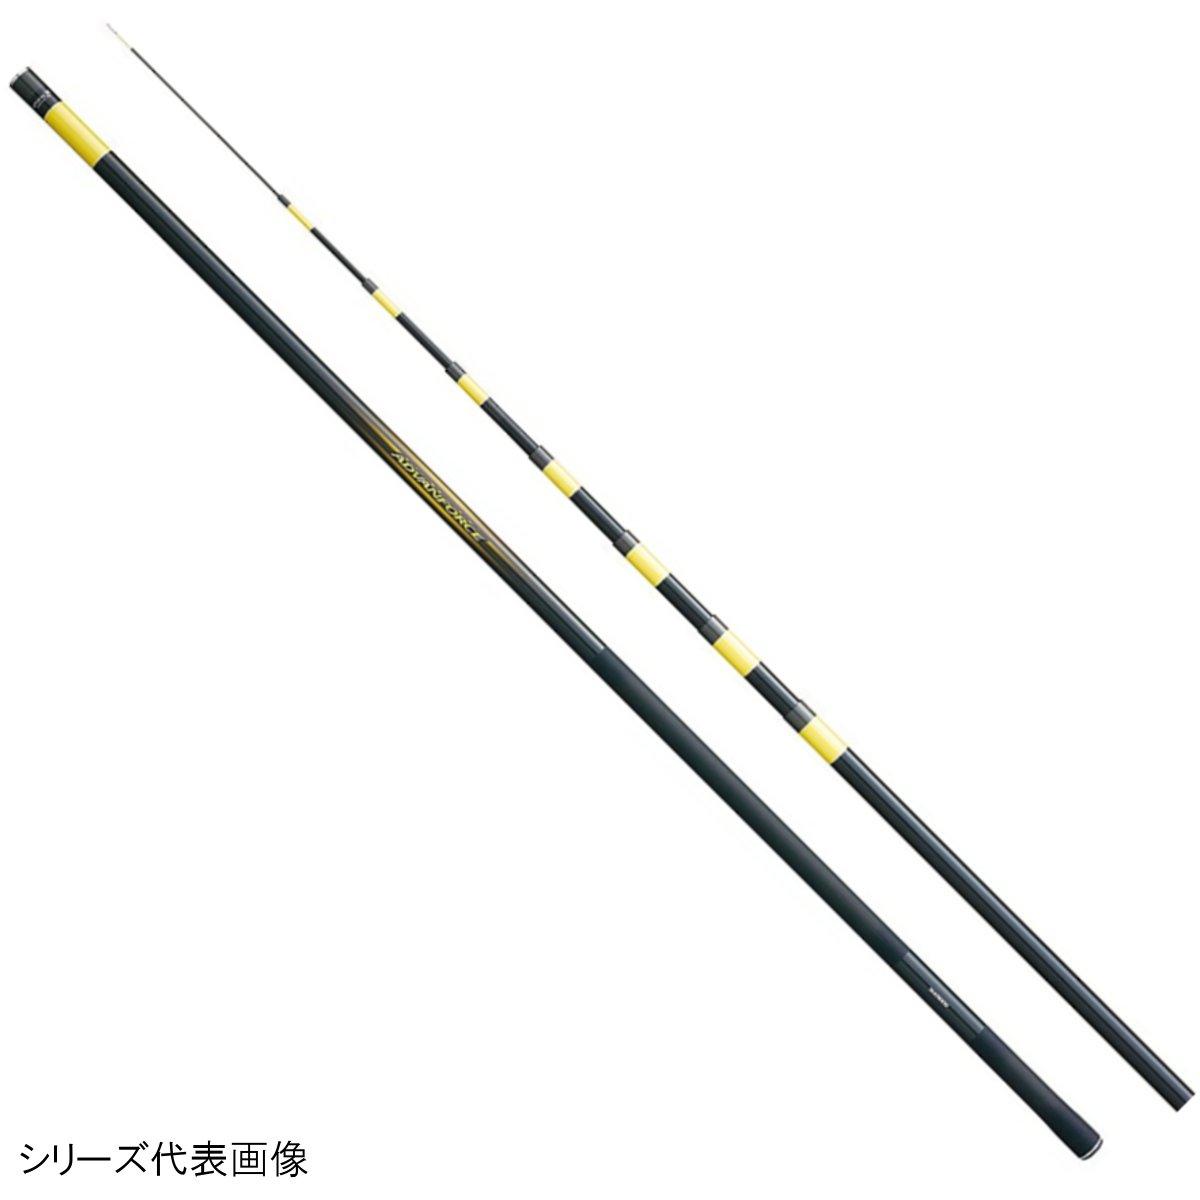 シマノ アドバンフォース 急瀬 95NW【大型商品】